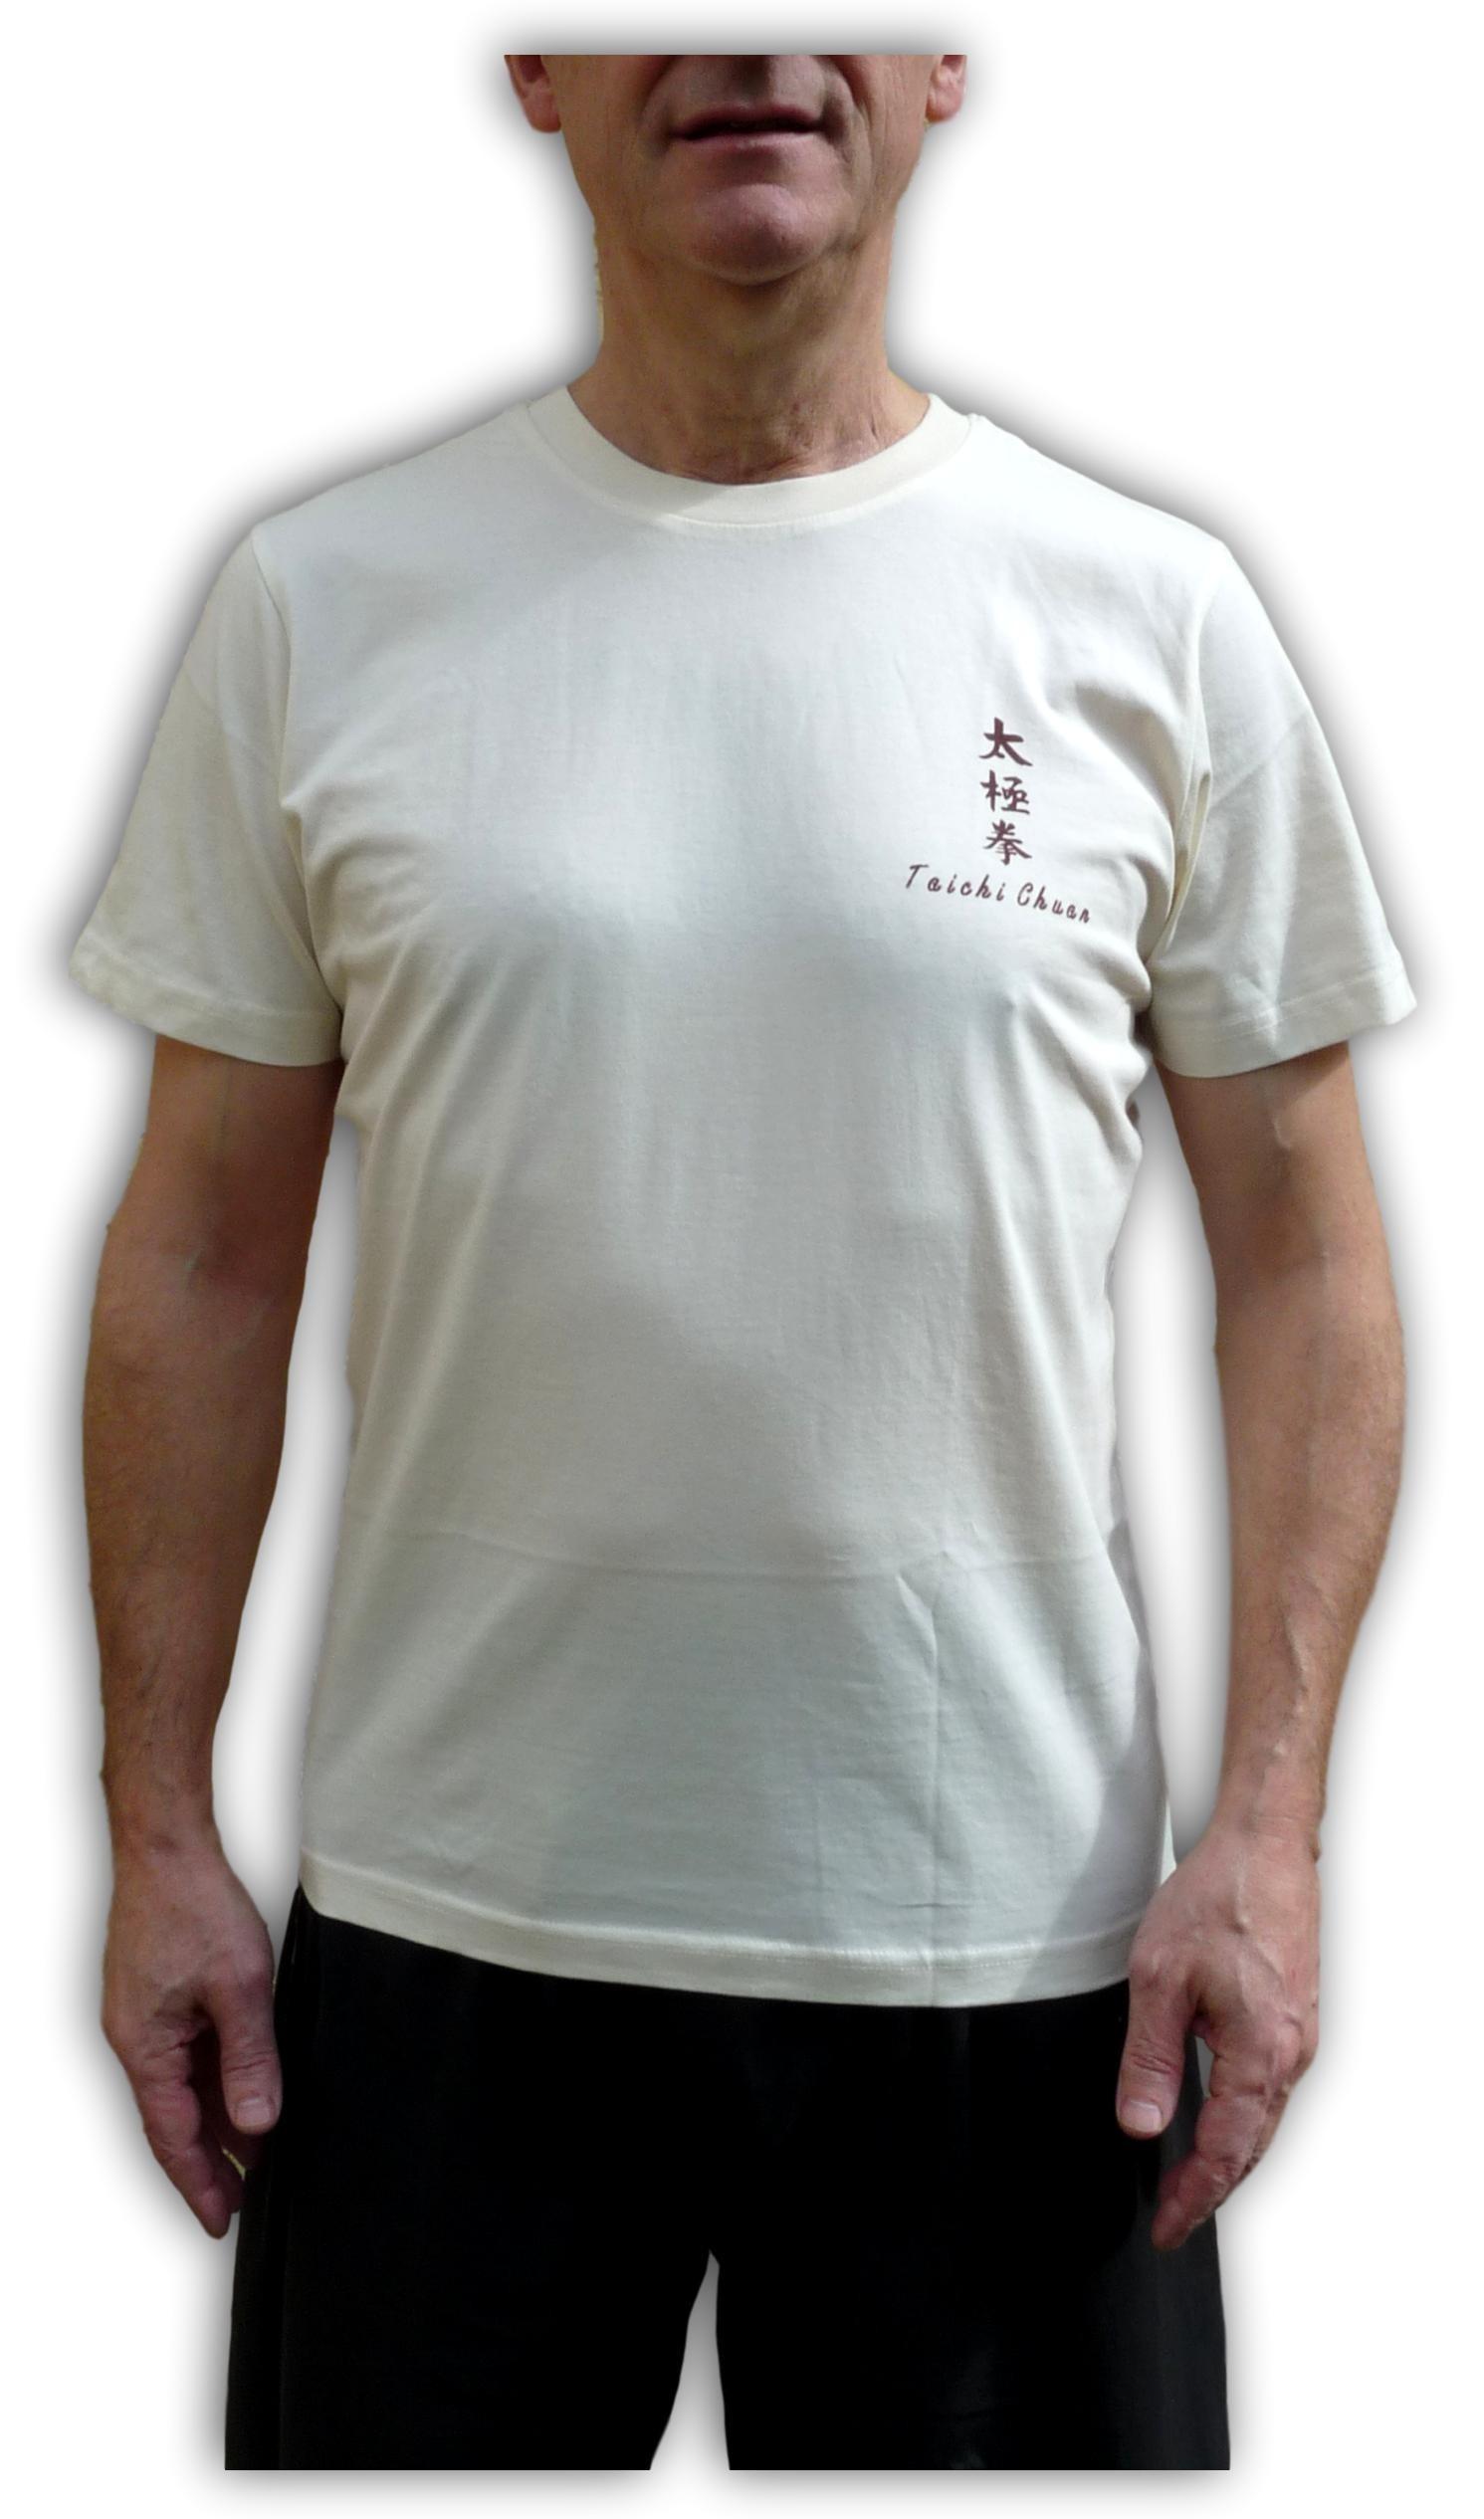 Tee-shirt Taichi chuan 100% coton Bio